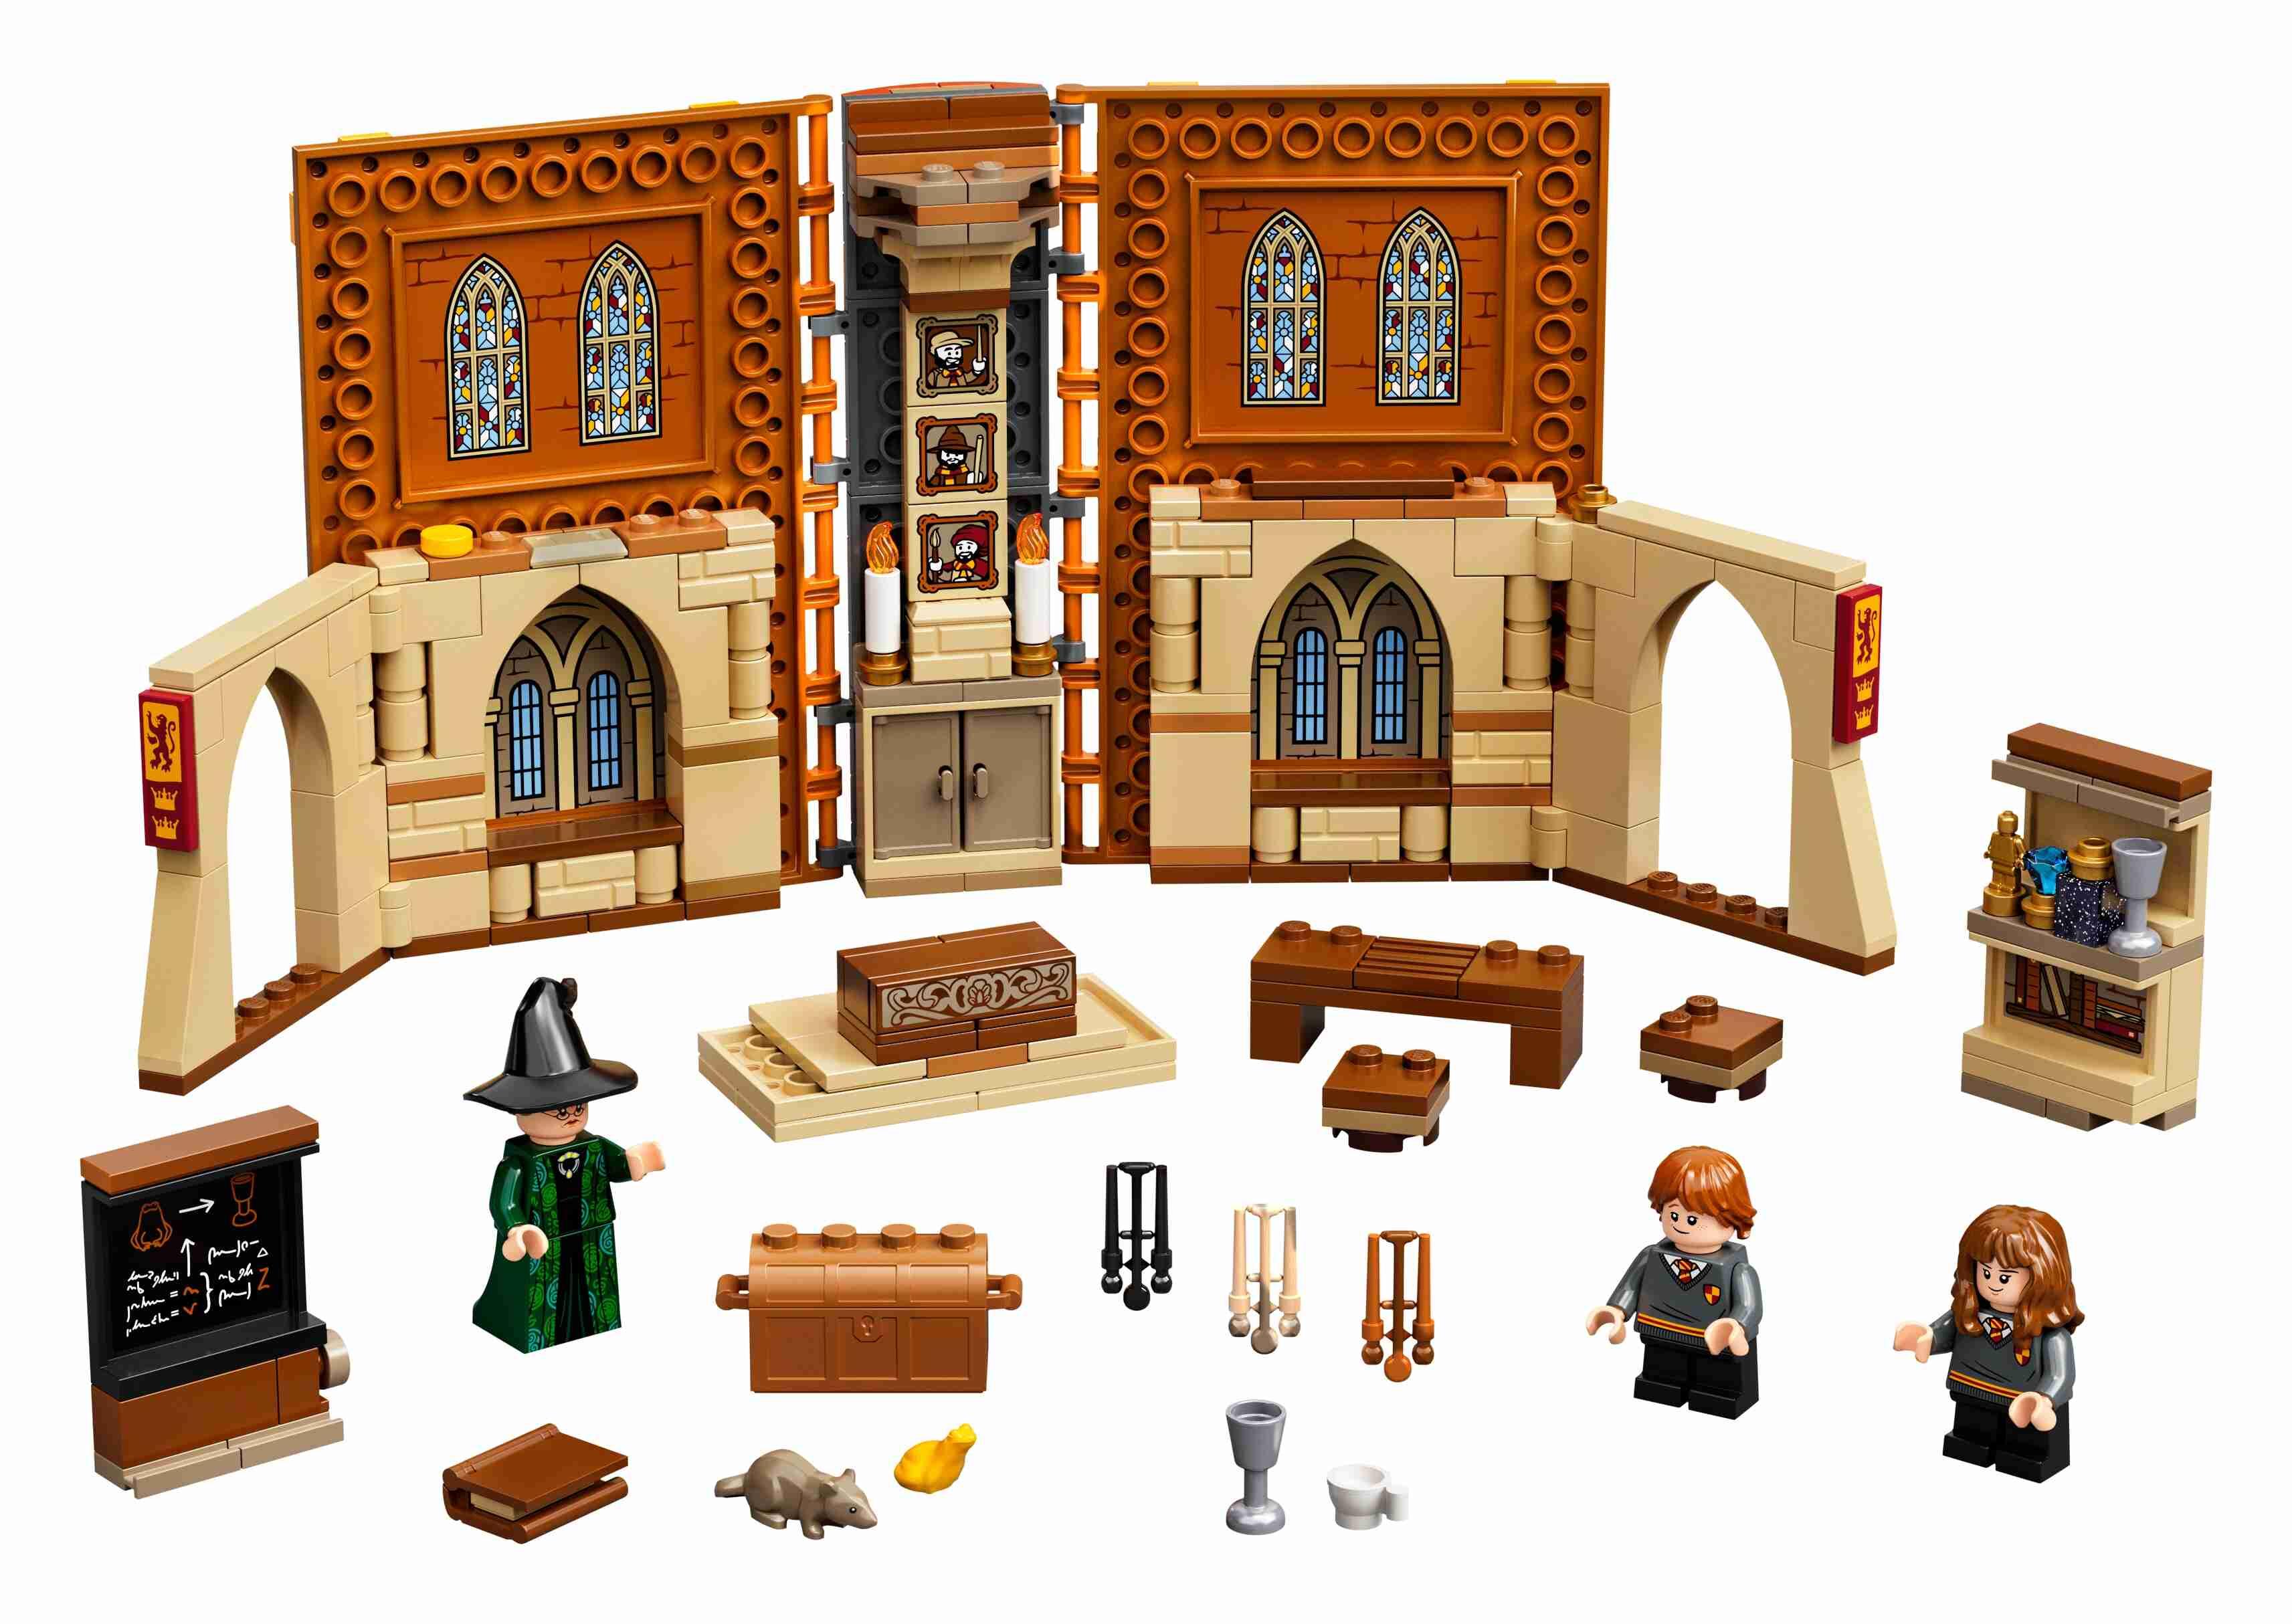 LEGO76382HarryPotterHogwartsMoment:VerwandlungsunterrichtSet